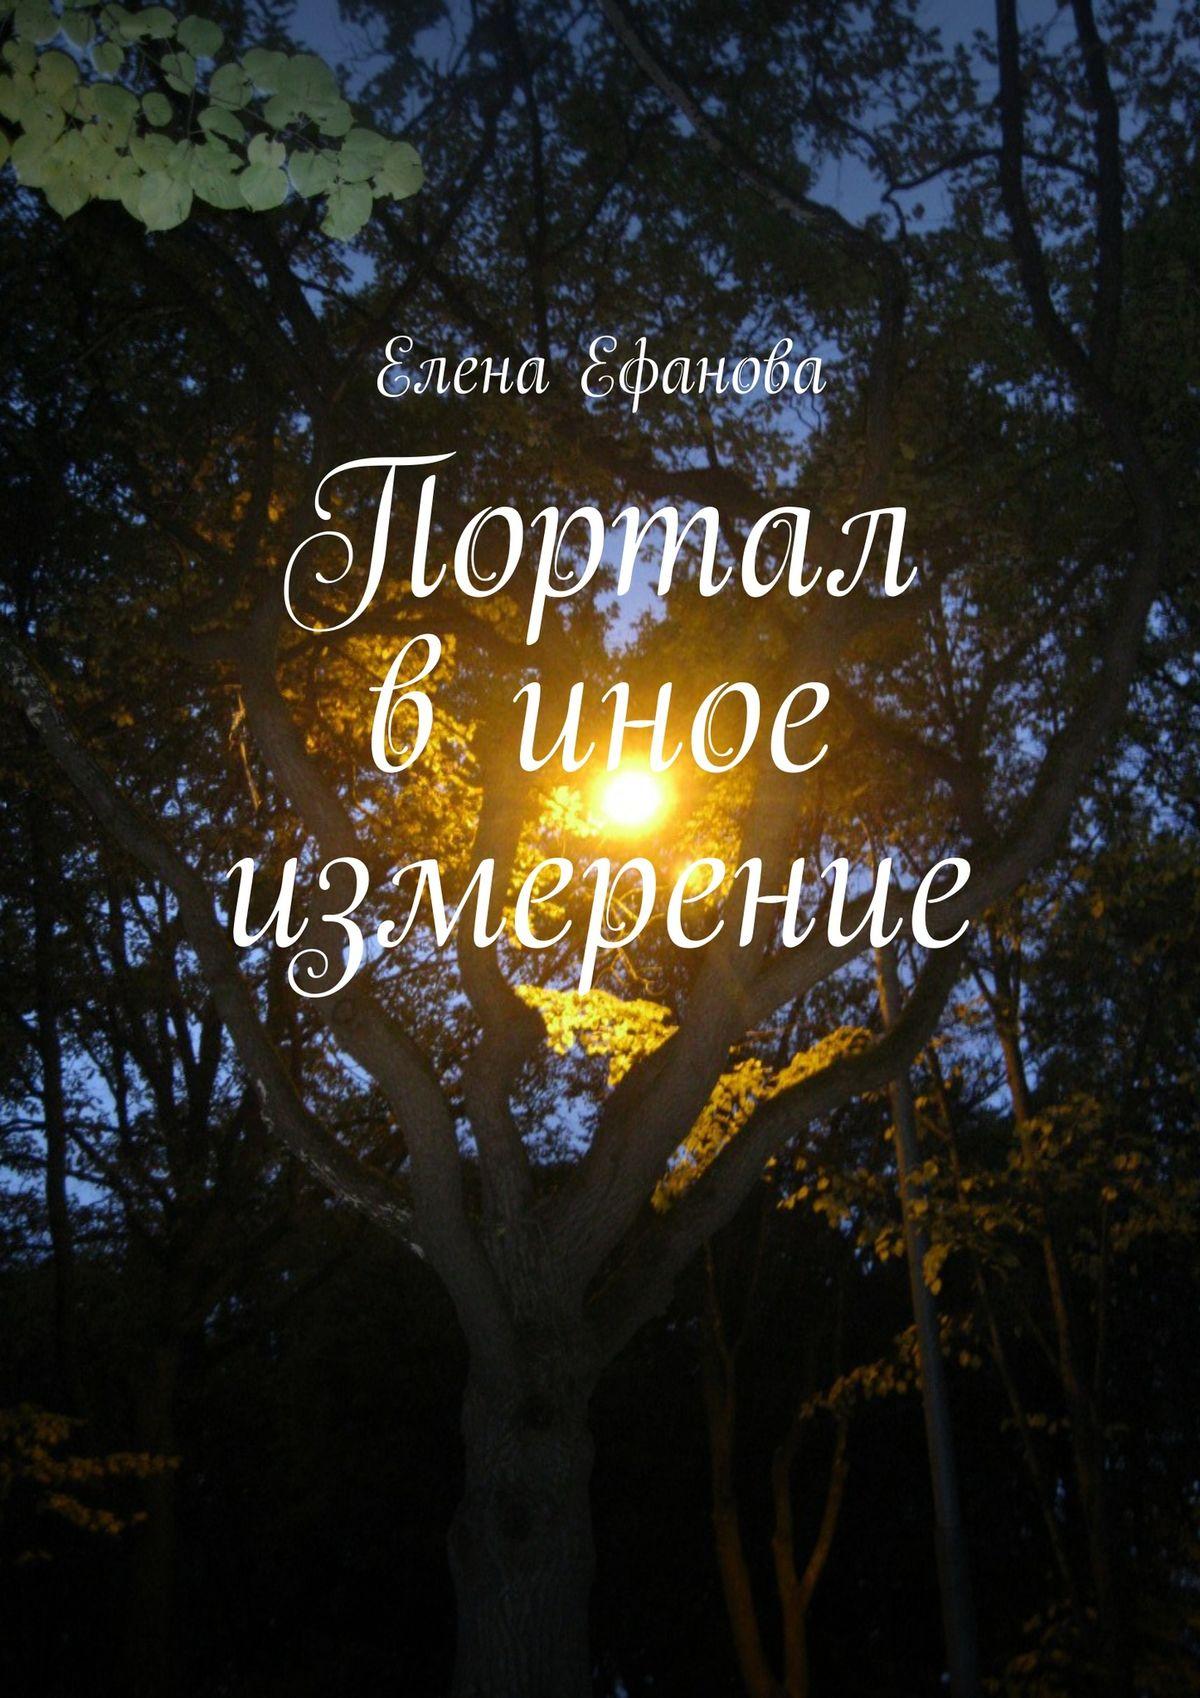 Елена Ефанова Портал виное измерение